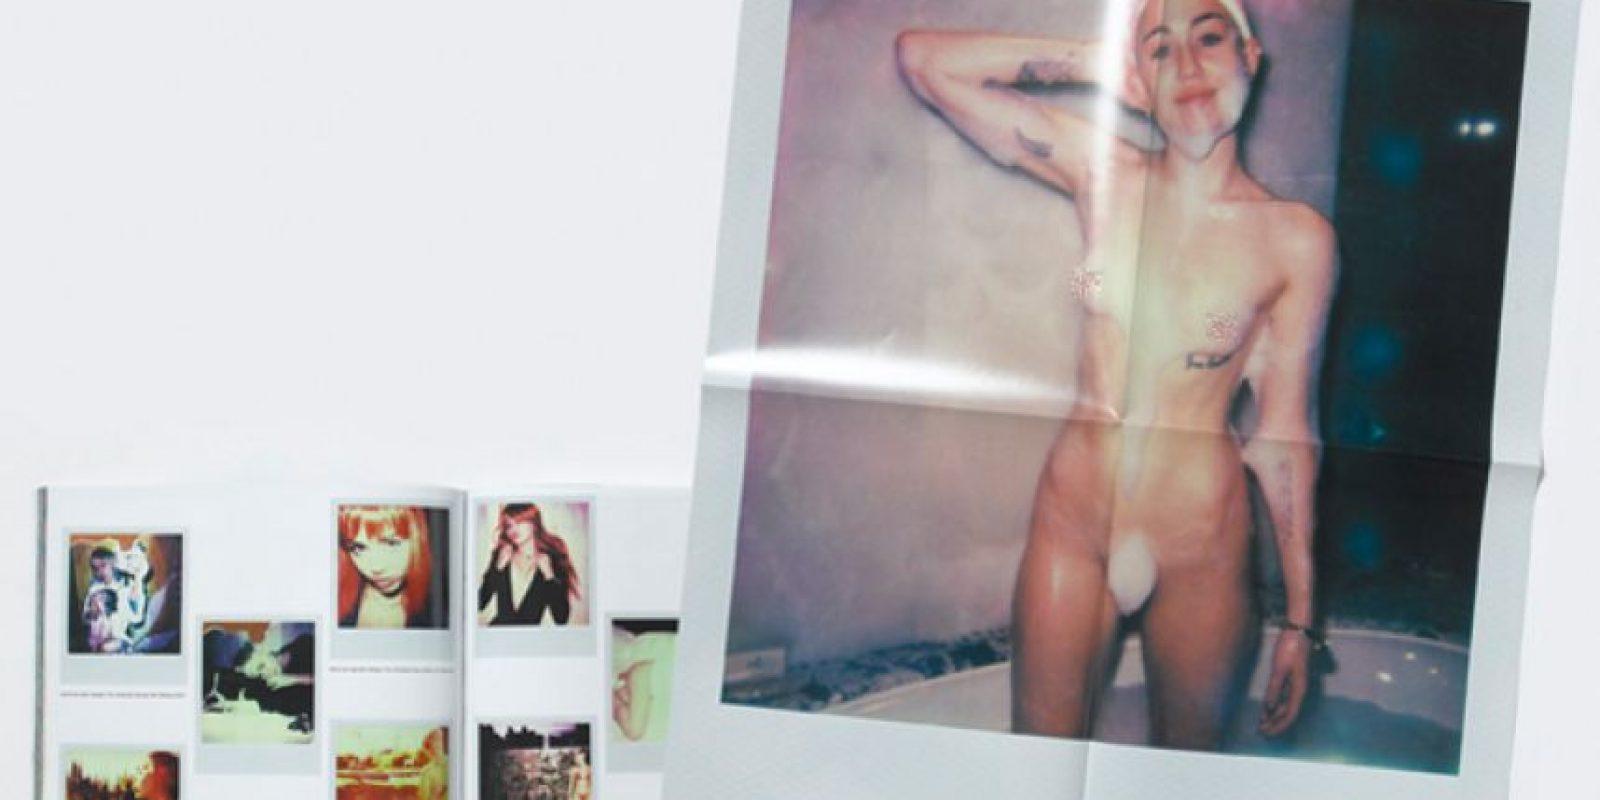 """Ahora la controversial artista muestra unas imágenes personales en la revista """"V"""" donde deja ver con muy poca ropa y muy sensual Foto:V Magazine"""